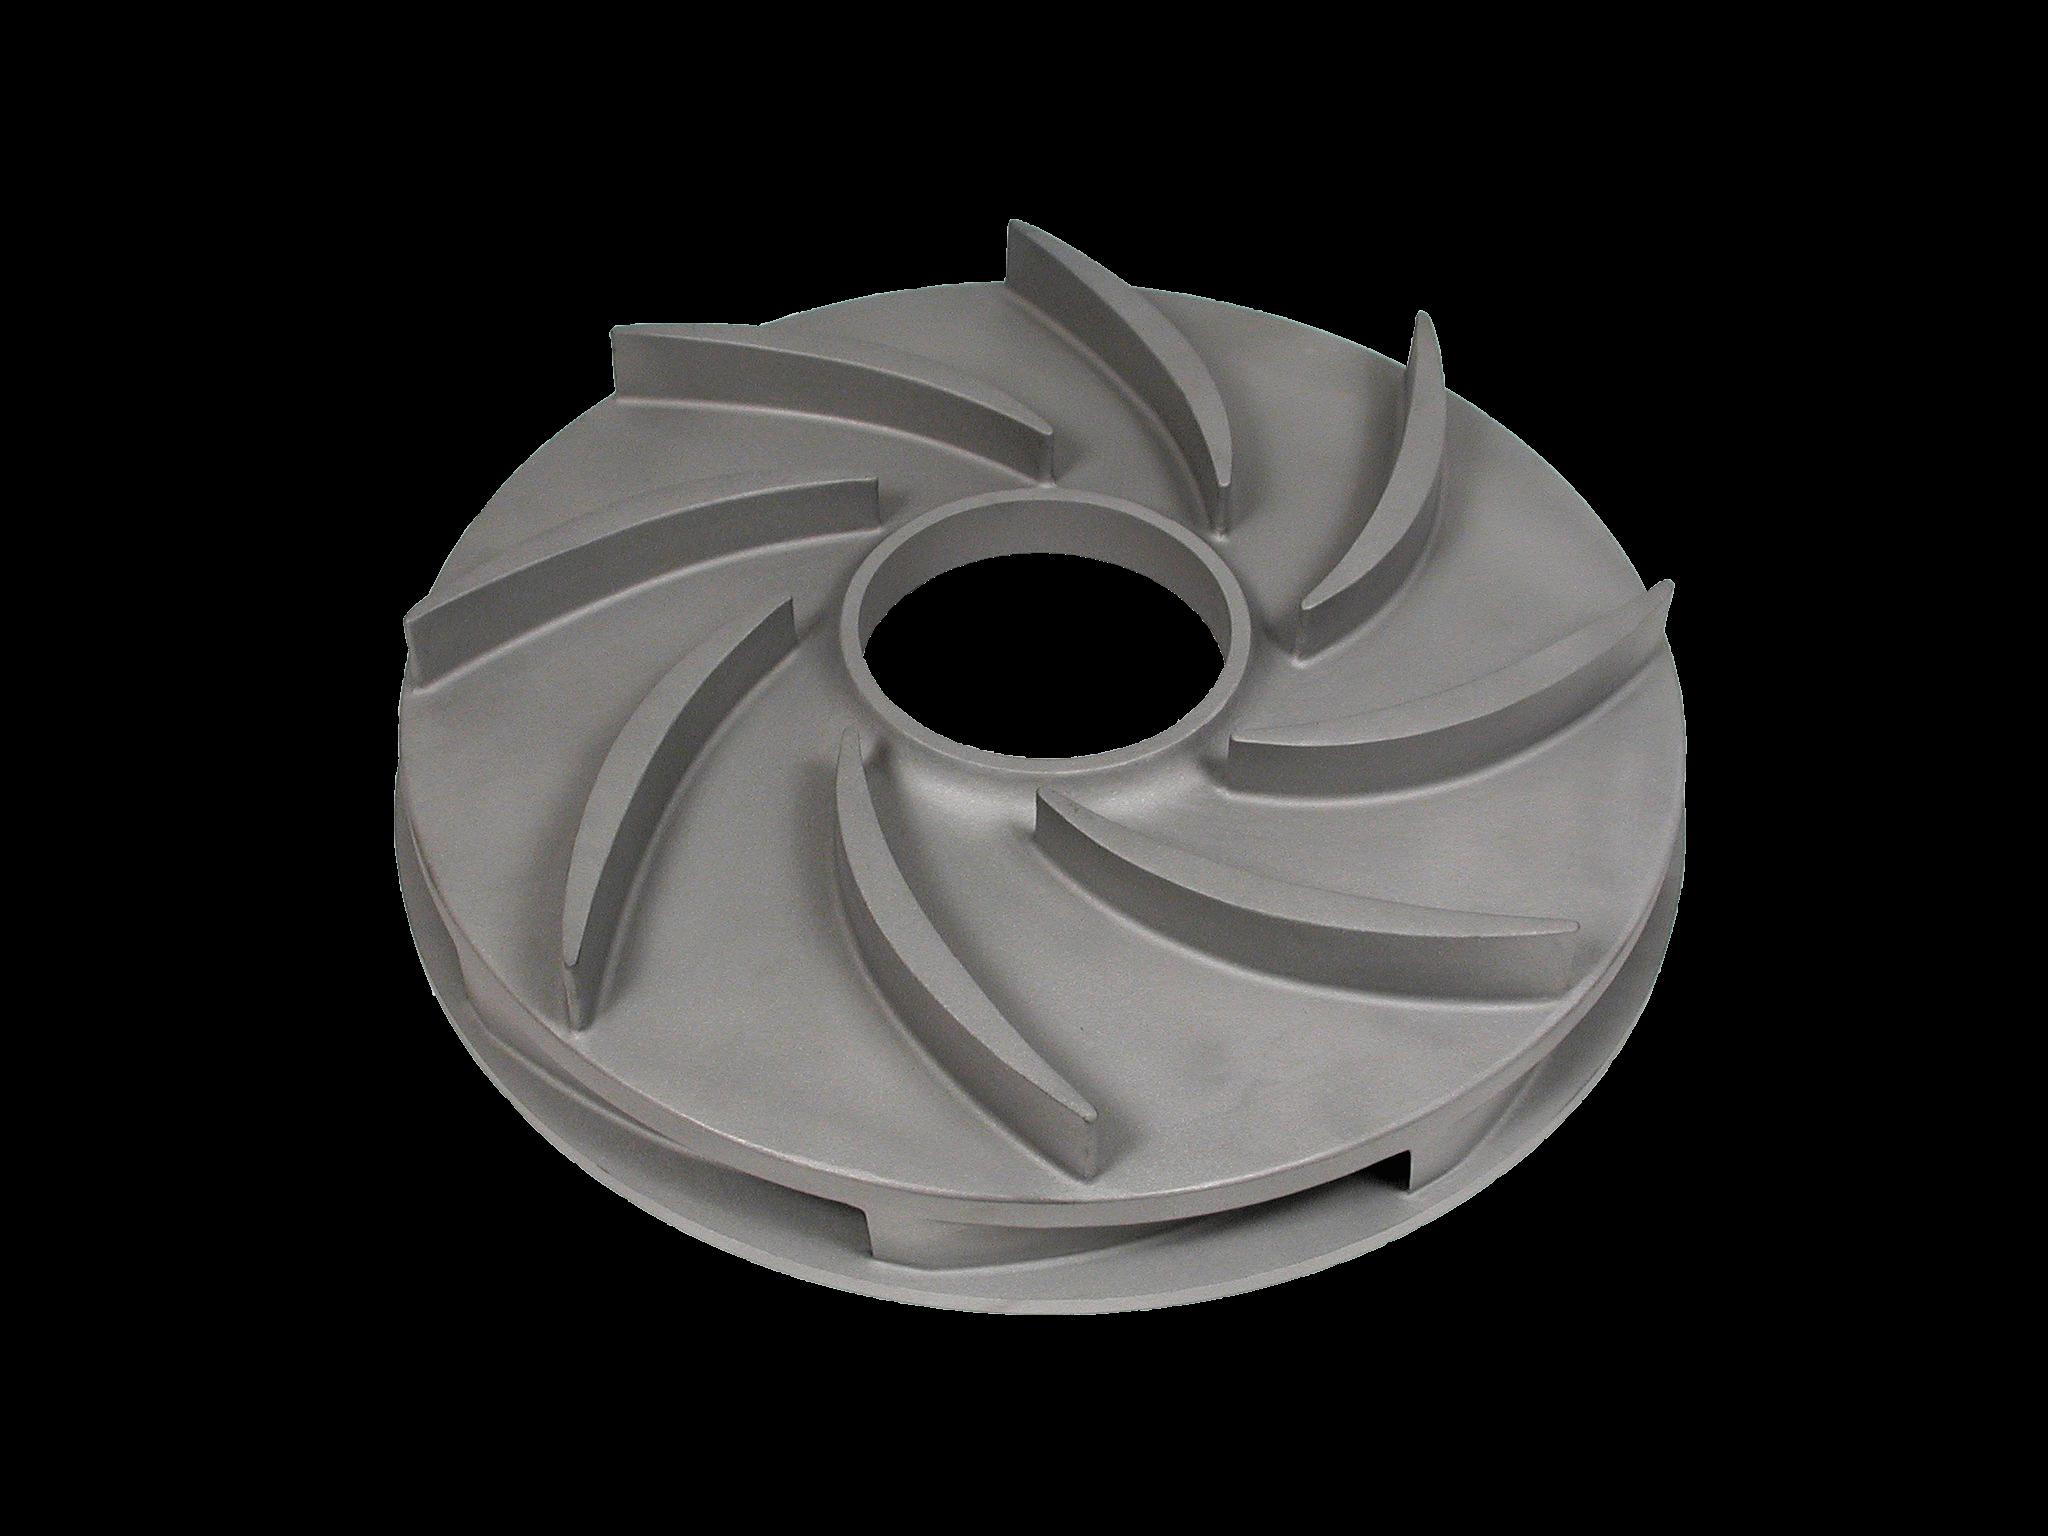 Diffuser precision castings